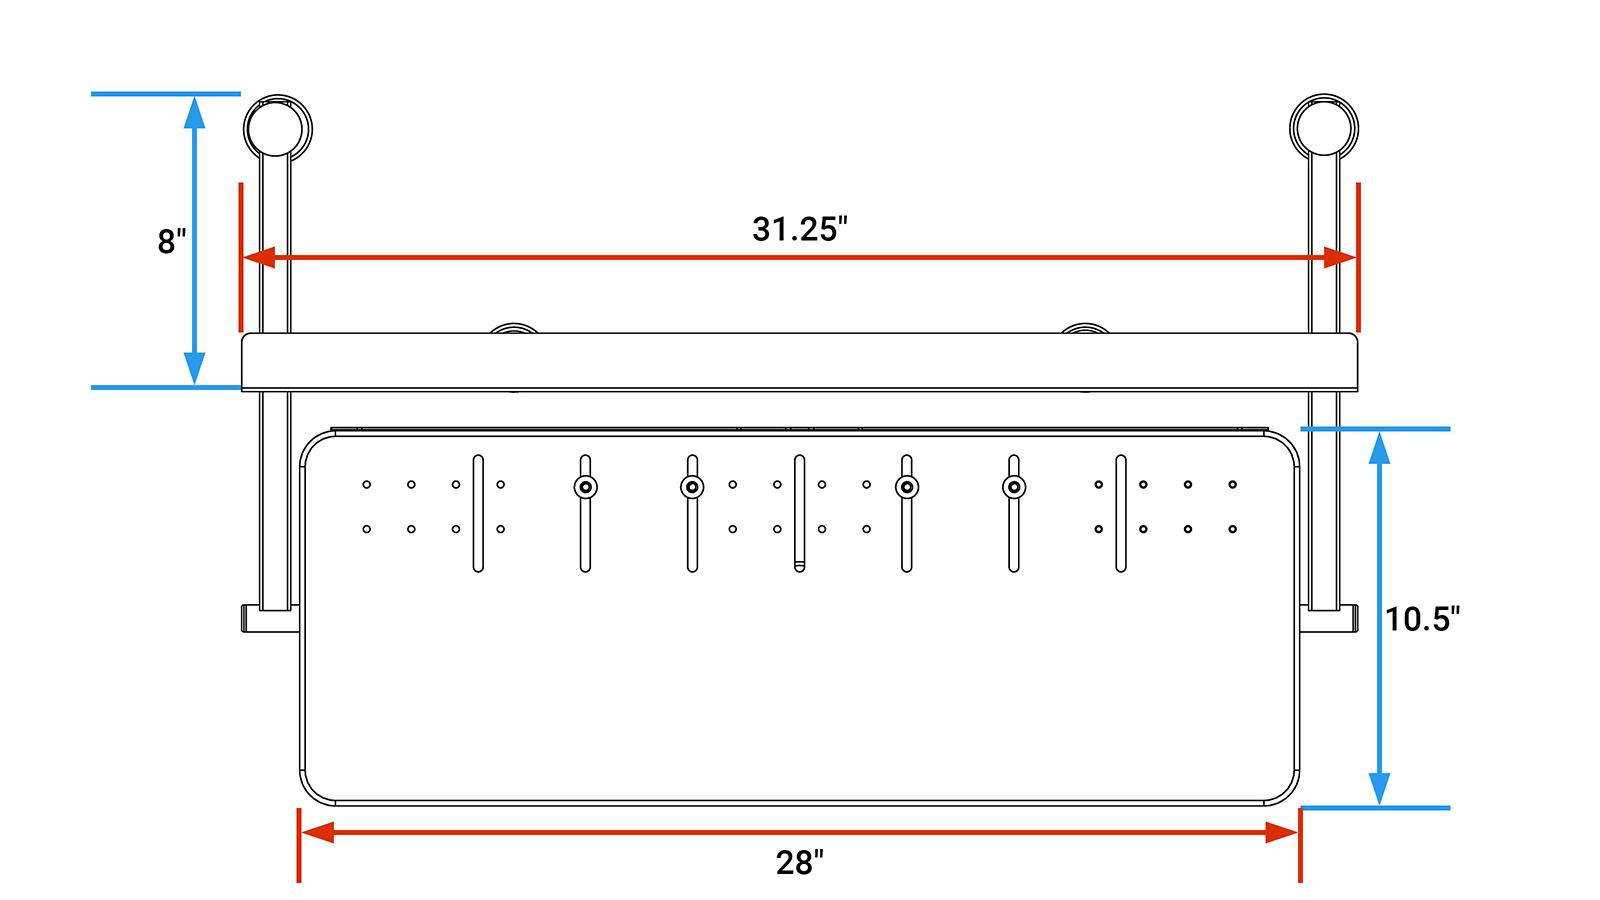 SteadyType Exo Top View Diagram